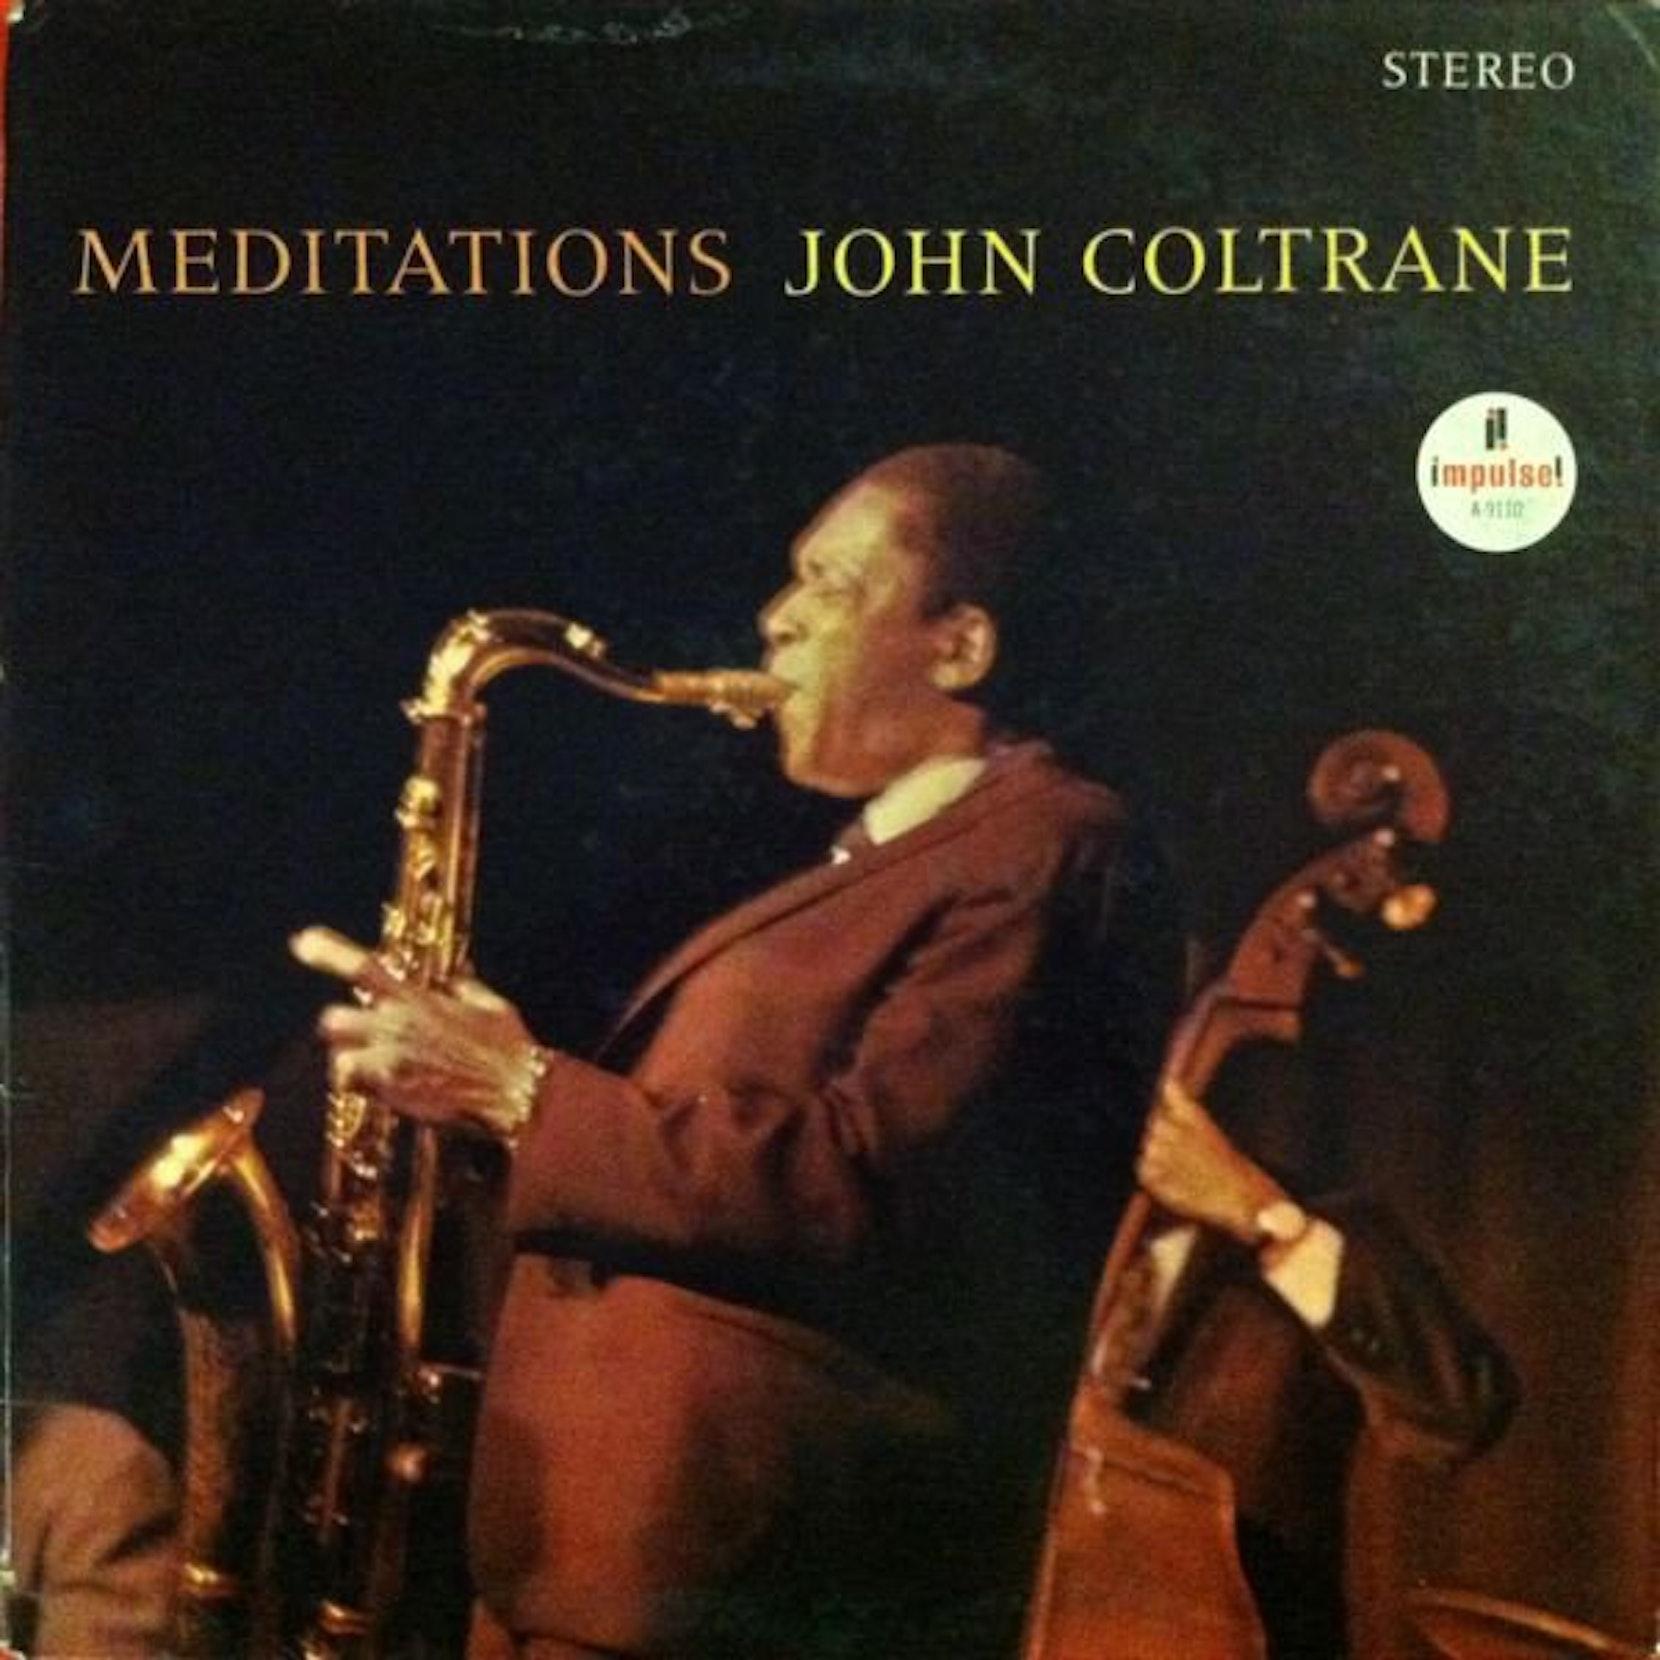 The 10 Best John Coltrane Albums To Own On Vinyl — Vinyl Me